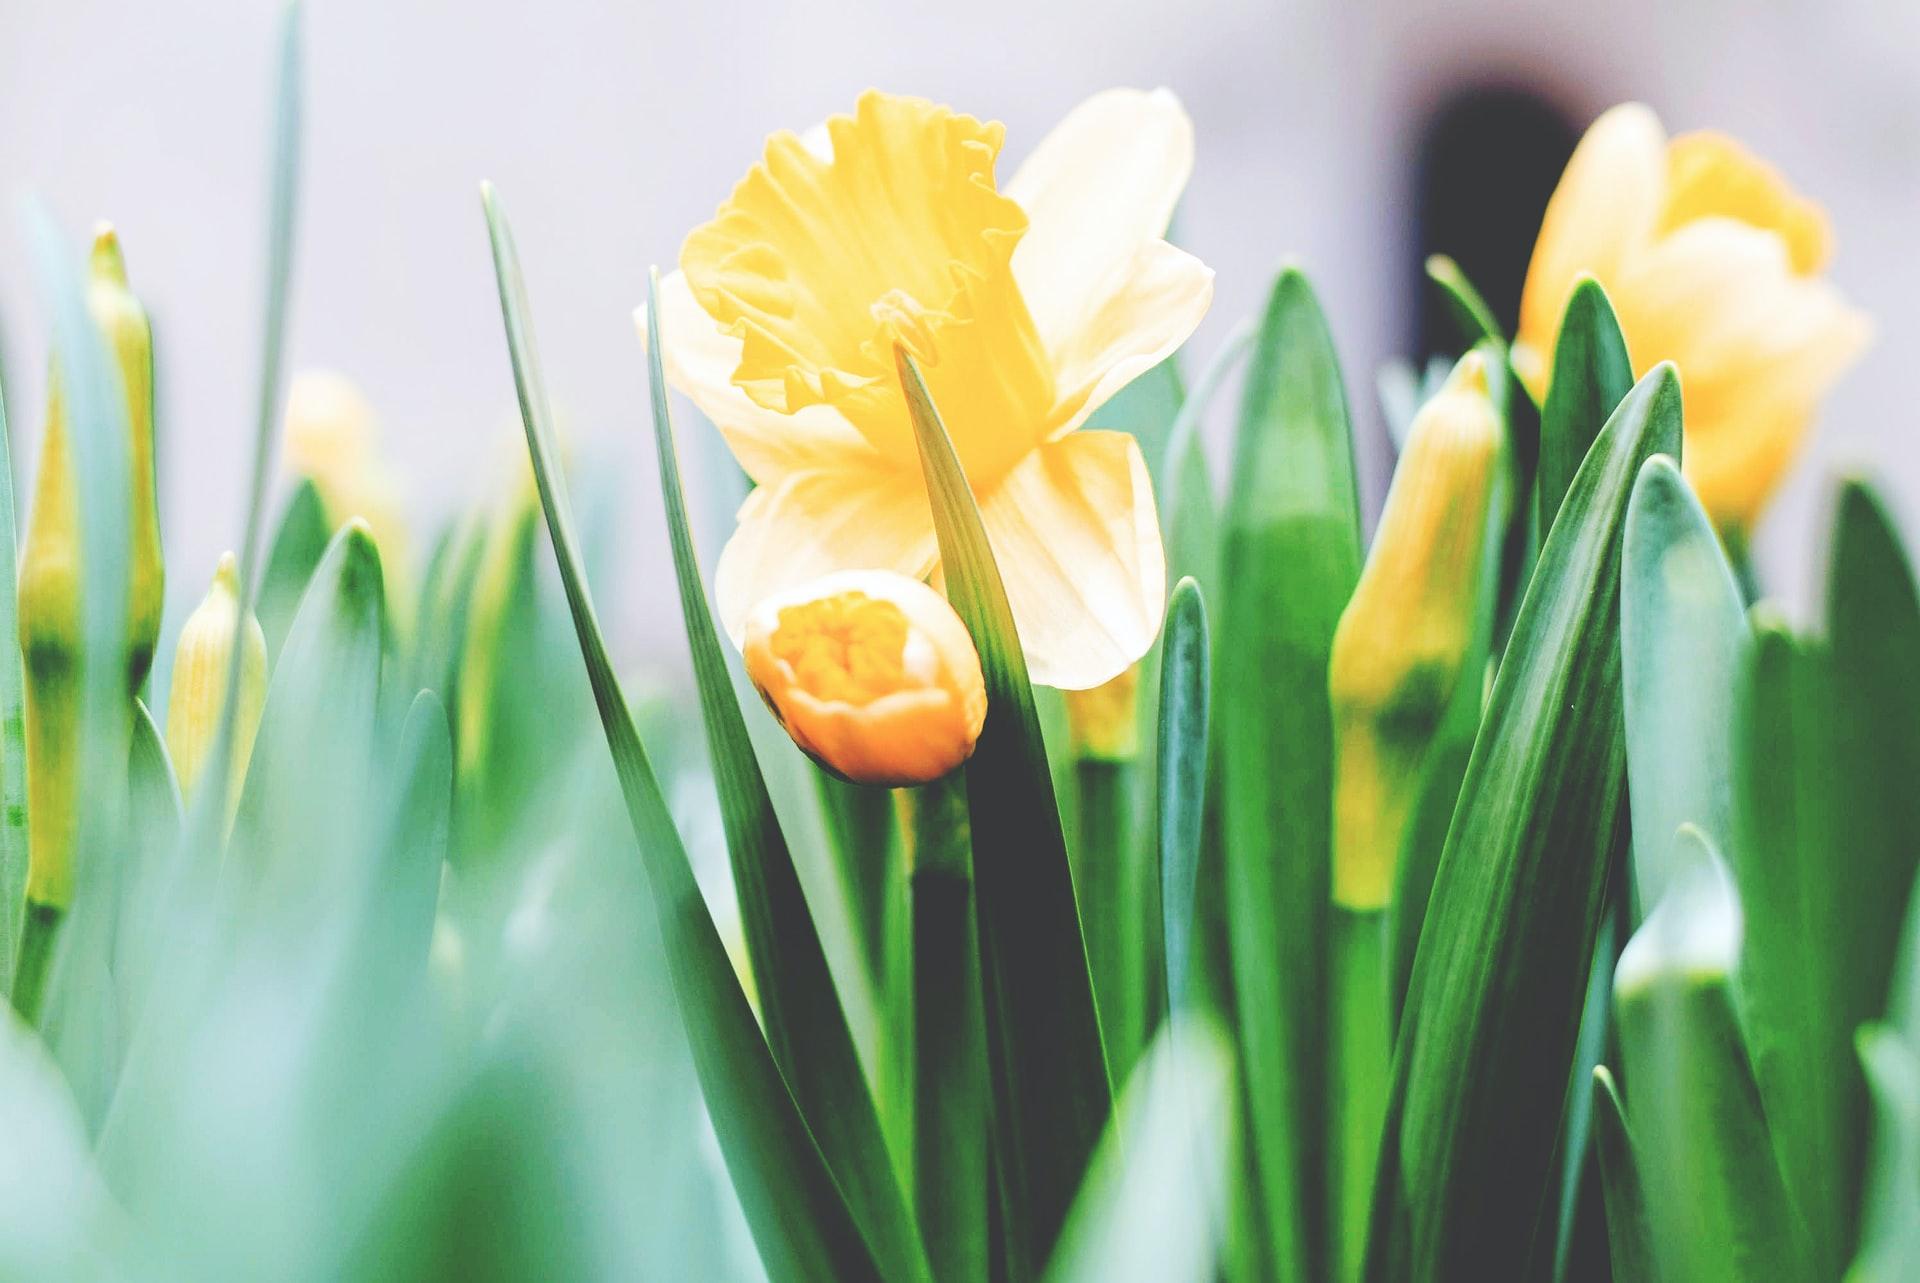 How to Prevent Garden Diseases